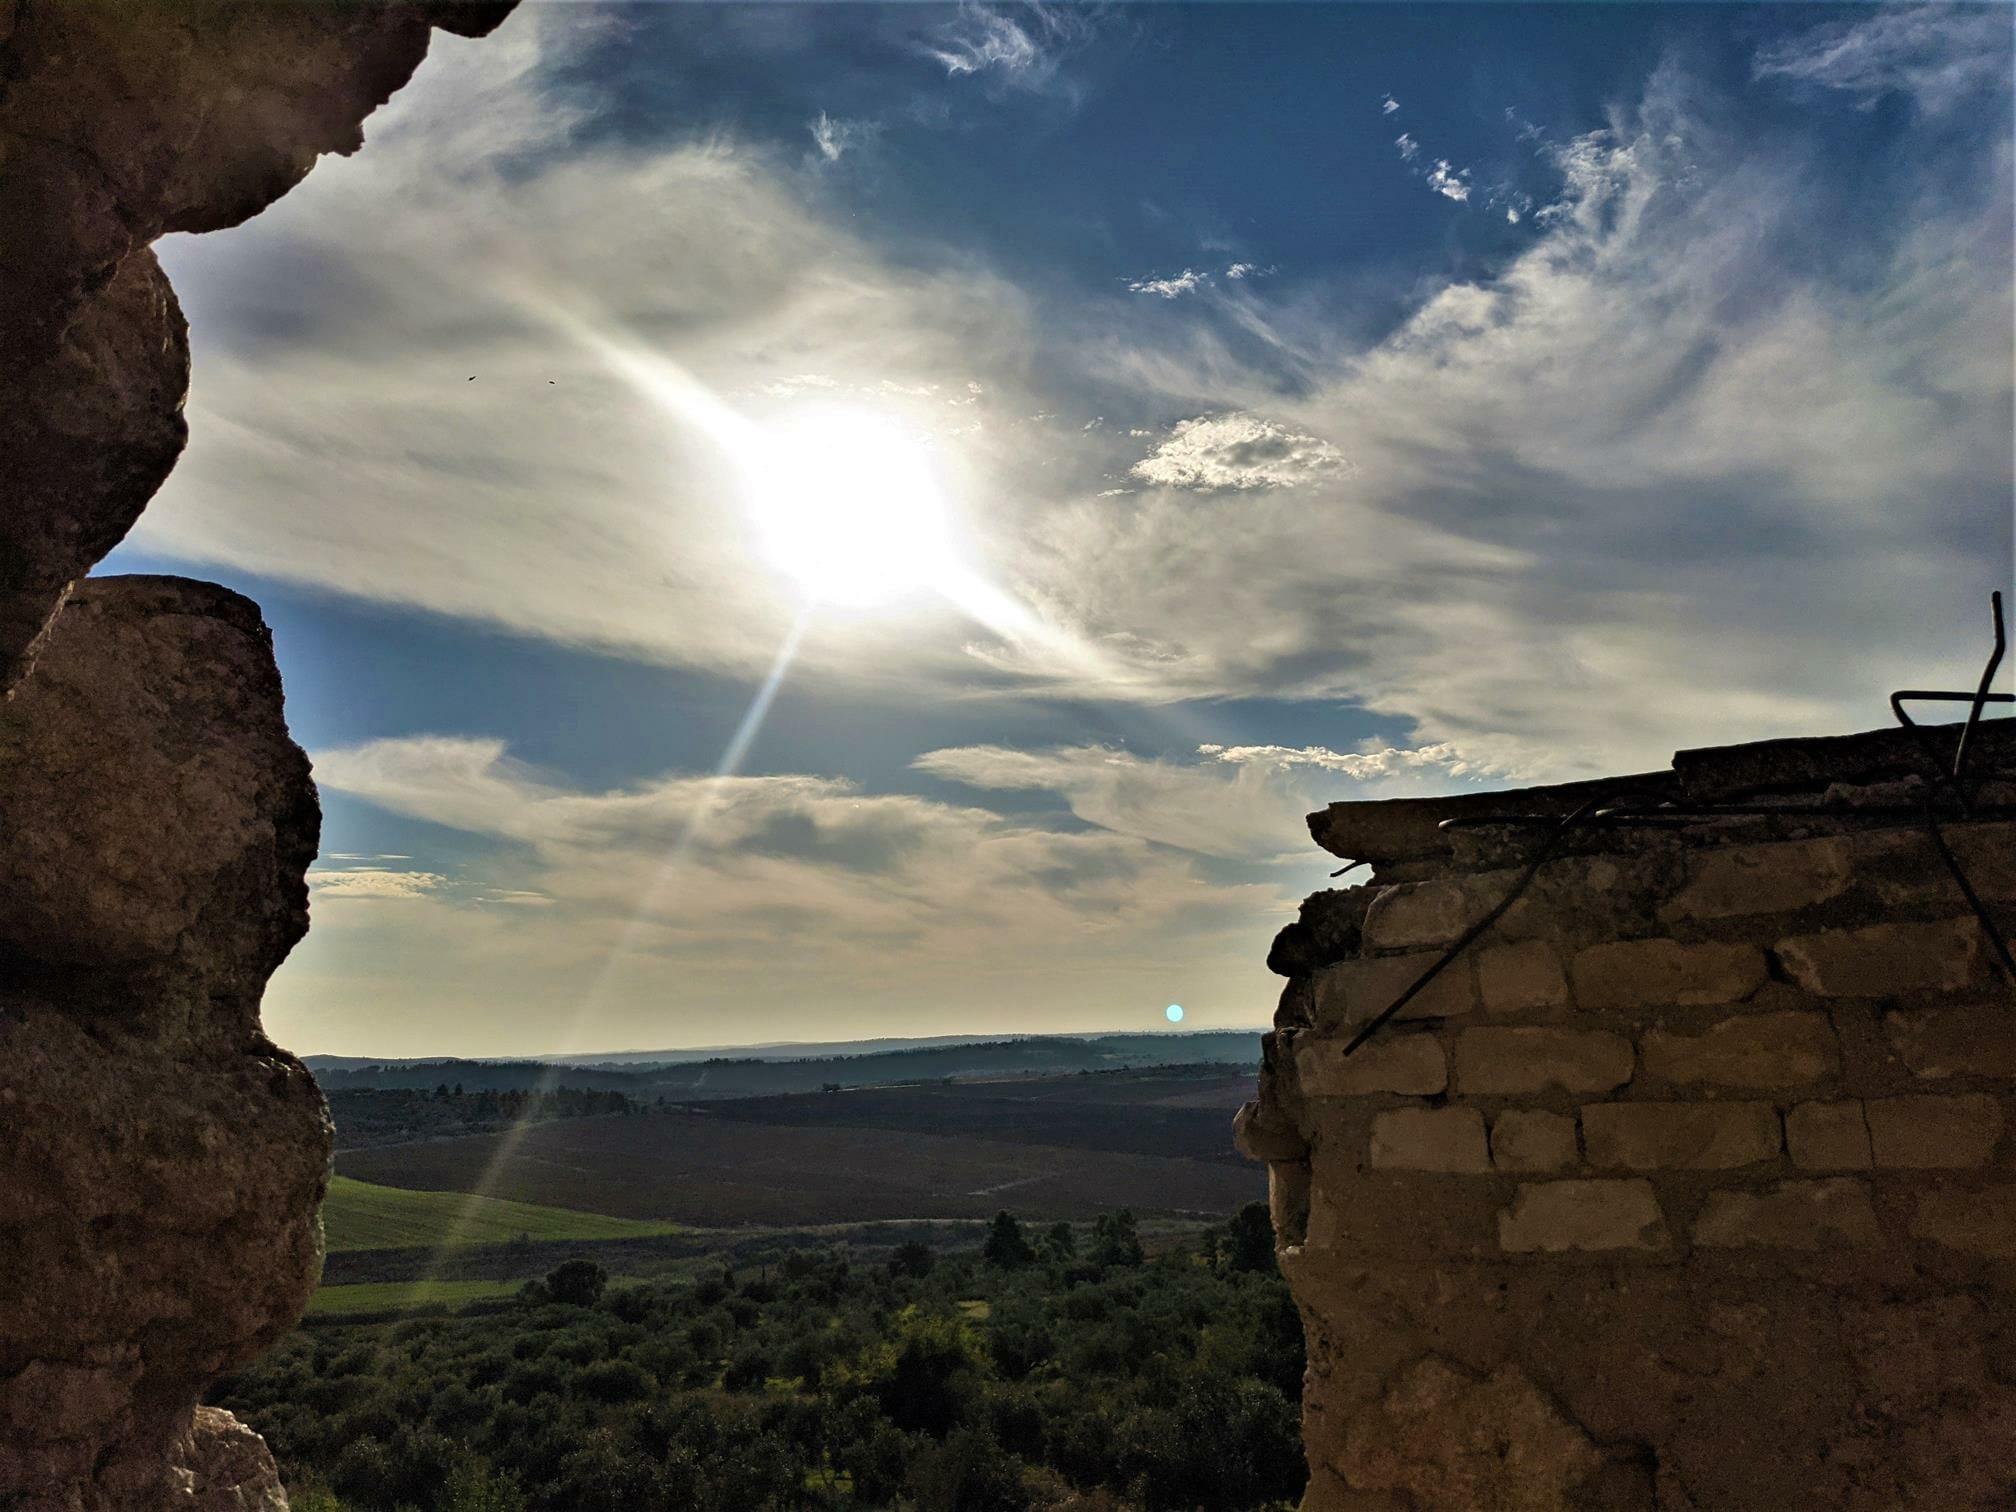 """שמש בעמק איילון, מבצר צלבני לטרון, צילום: ד""""ר ענת אביטל"""